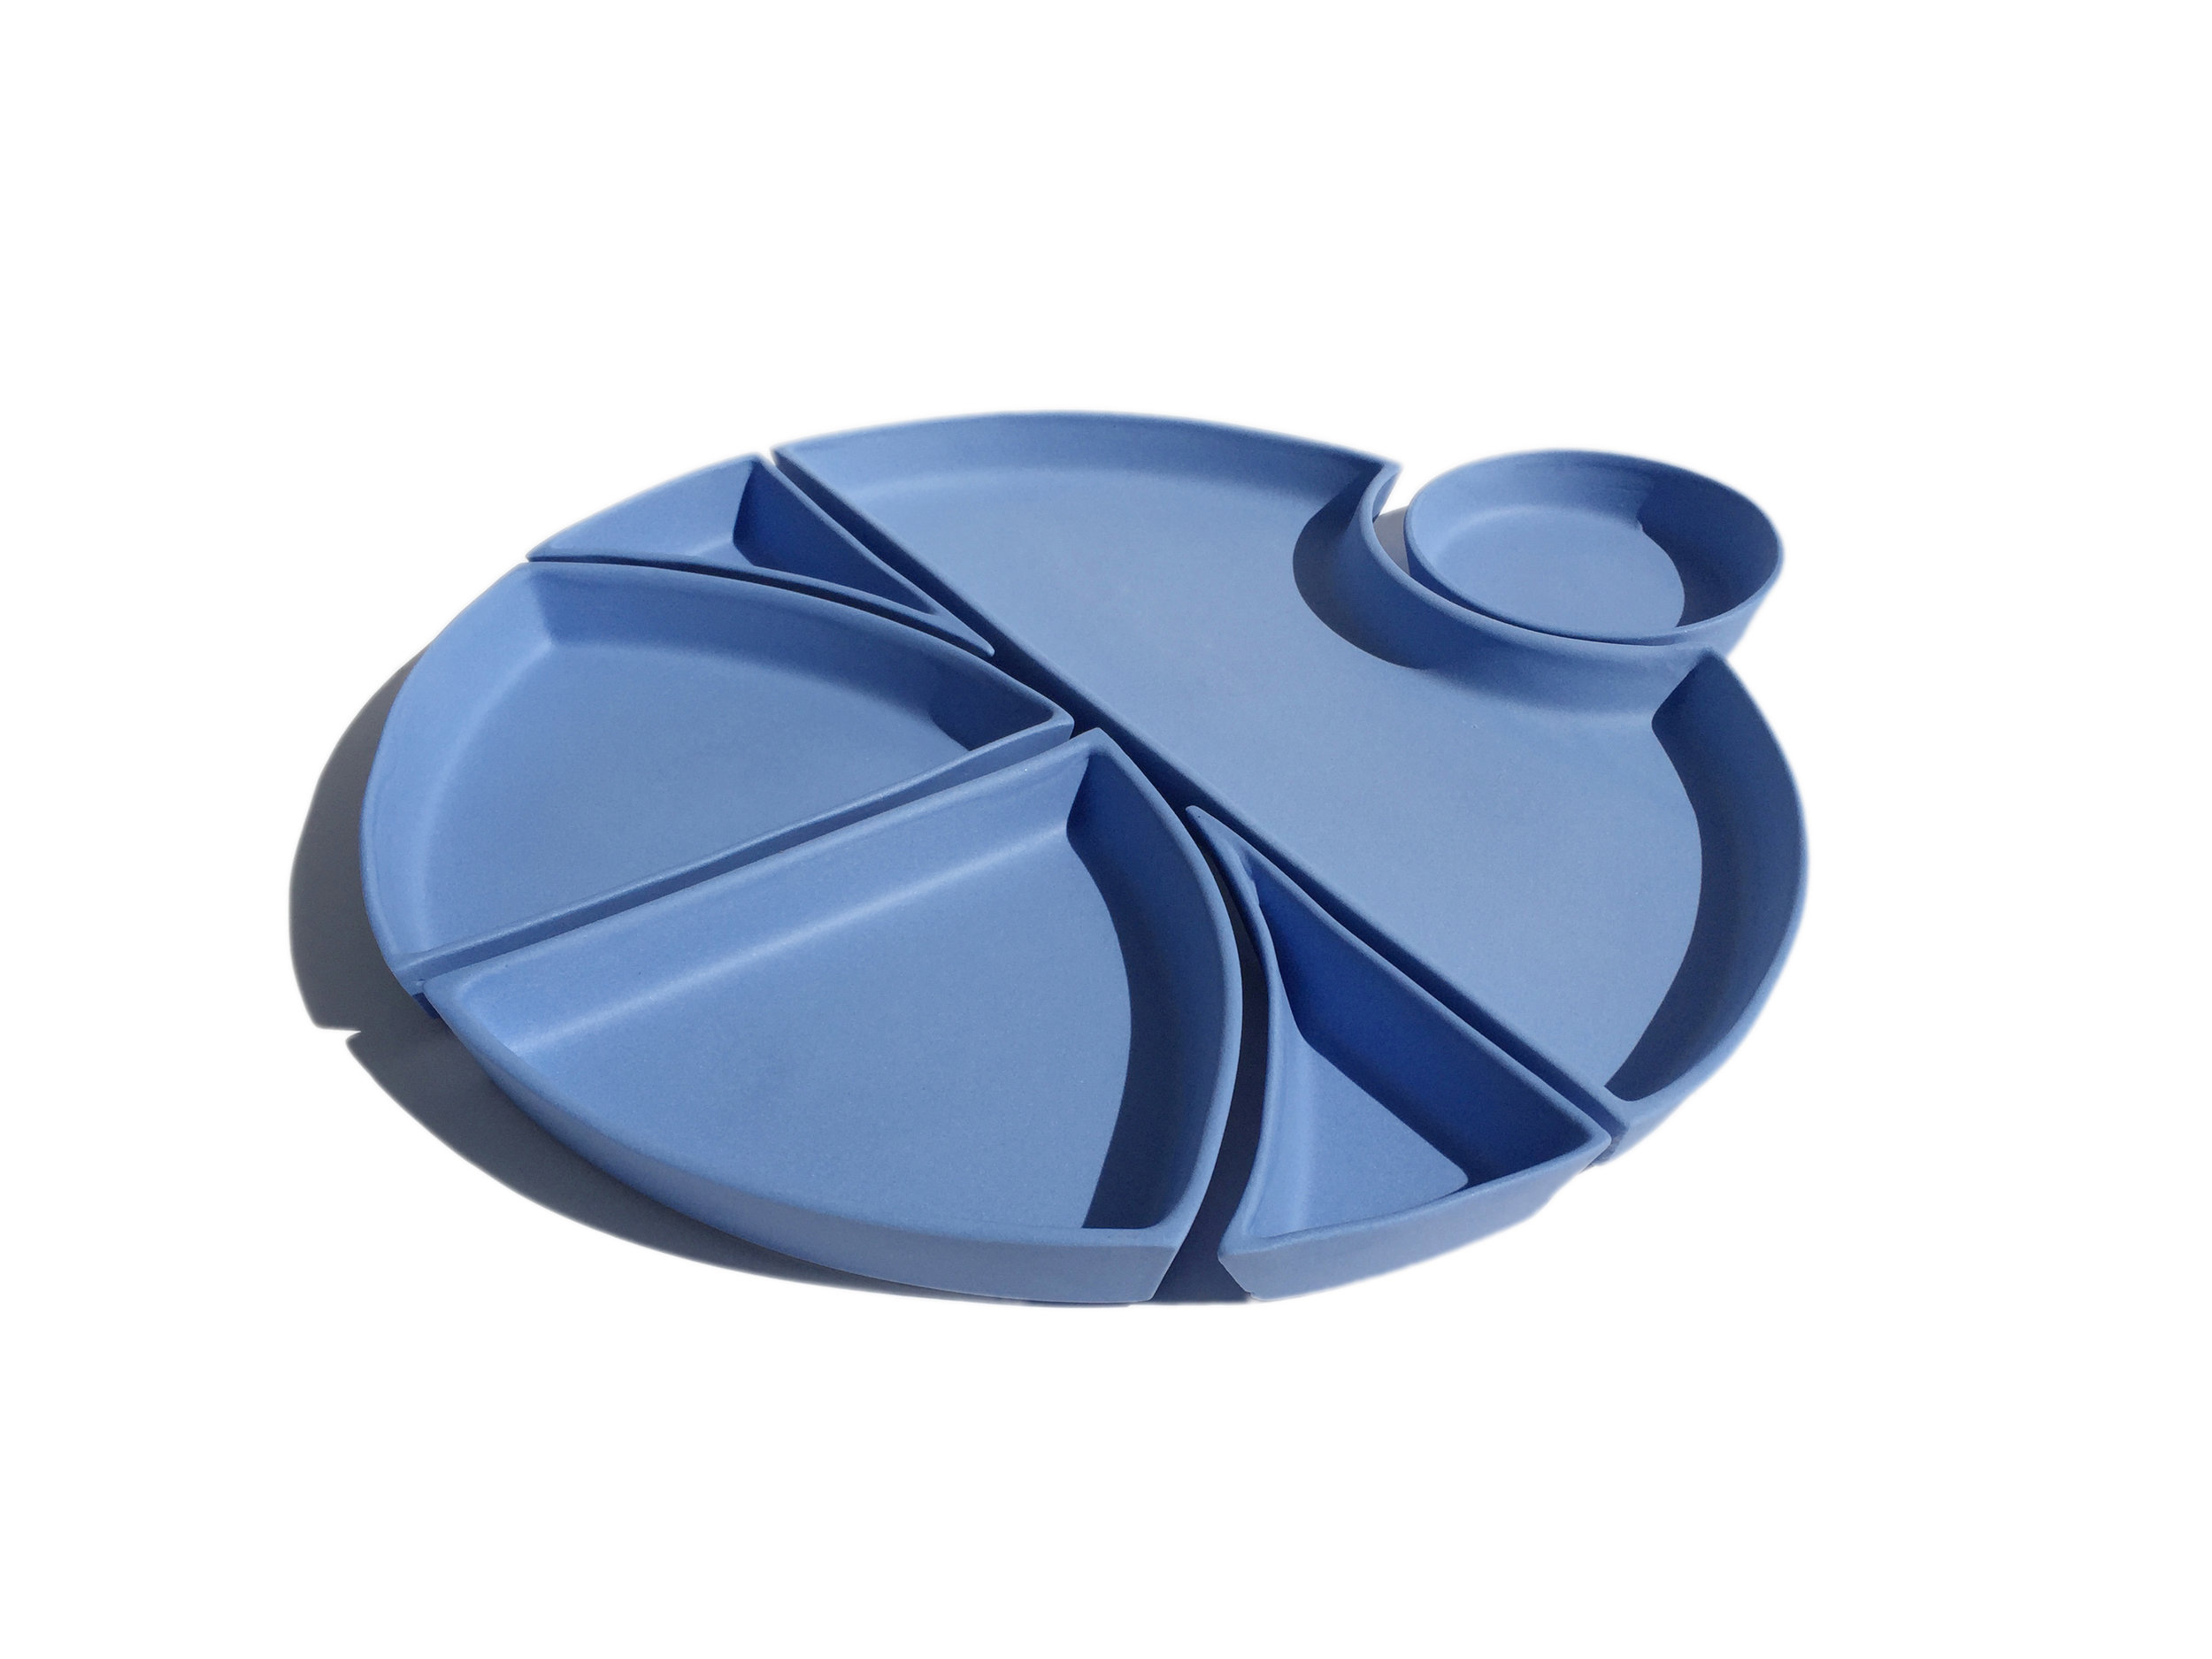 Blue Bento: